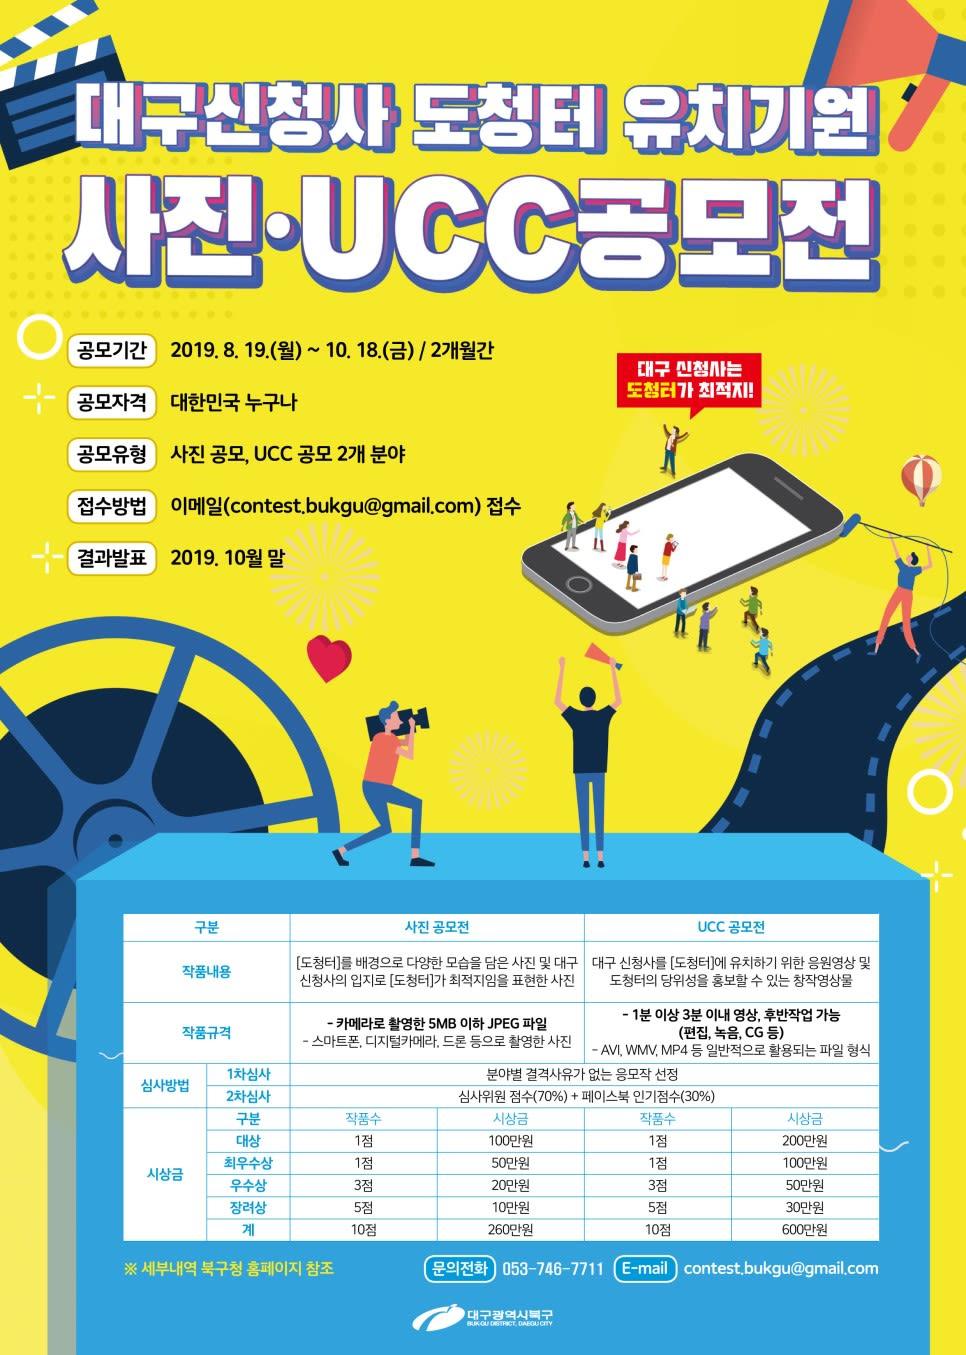 대구광역시 북구 대구 신청사 도청터 유치 기원 사진·UCC 공모전